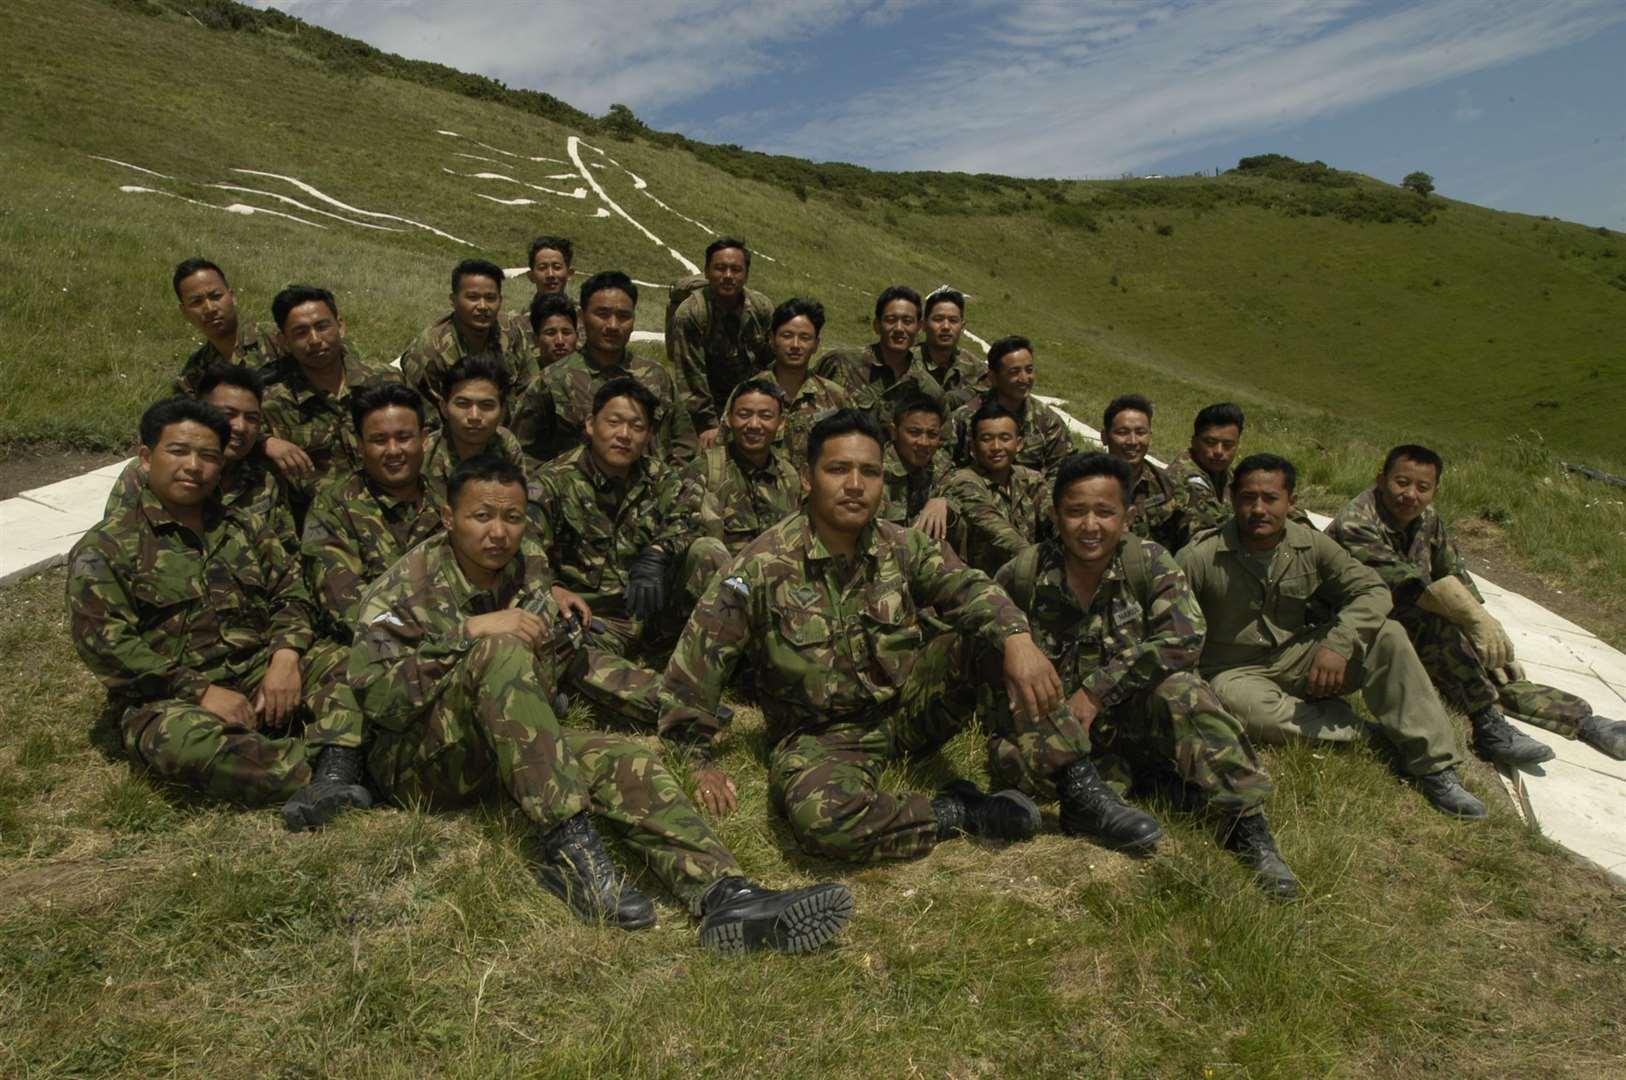 Los soldados Gurkha que ayudaron a construir el hito fotografiado en junio de 2003